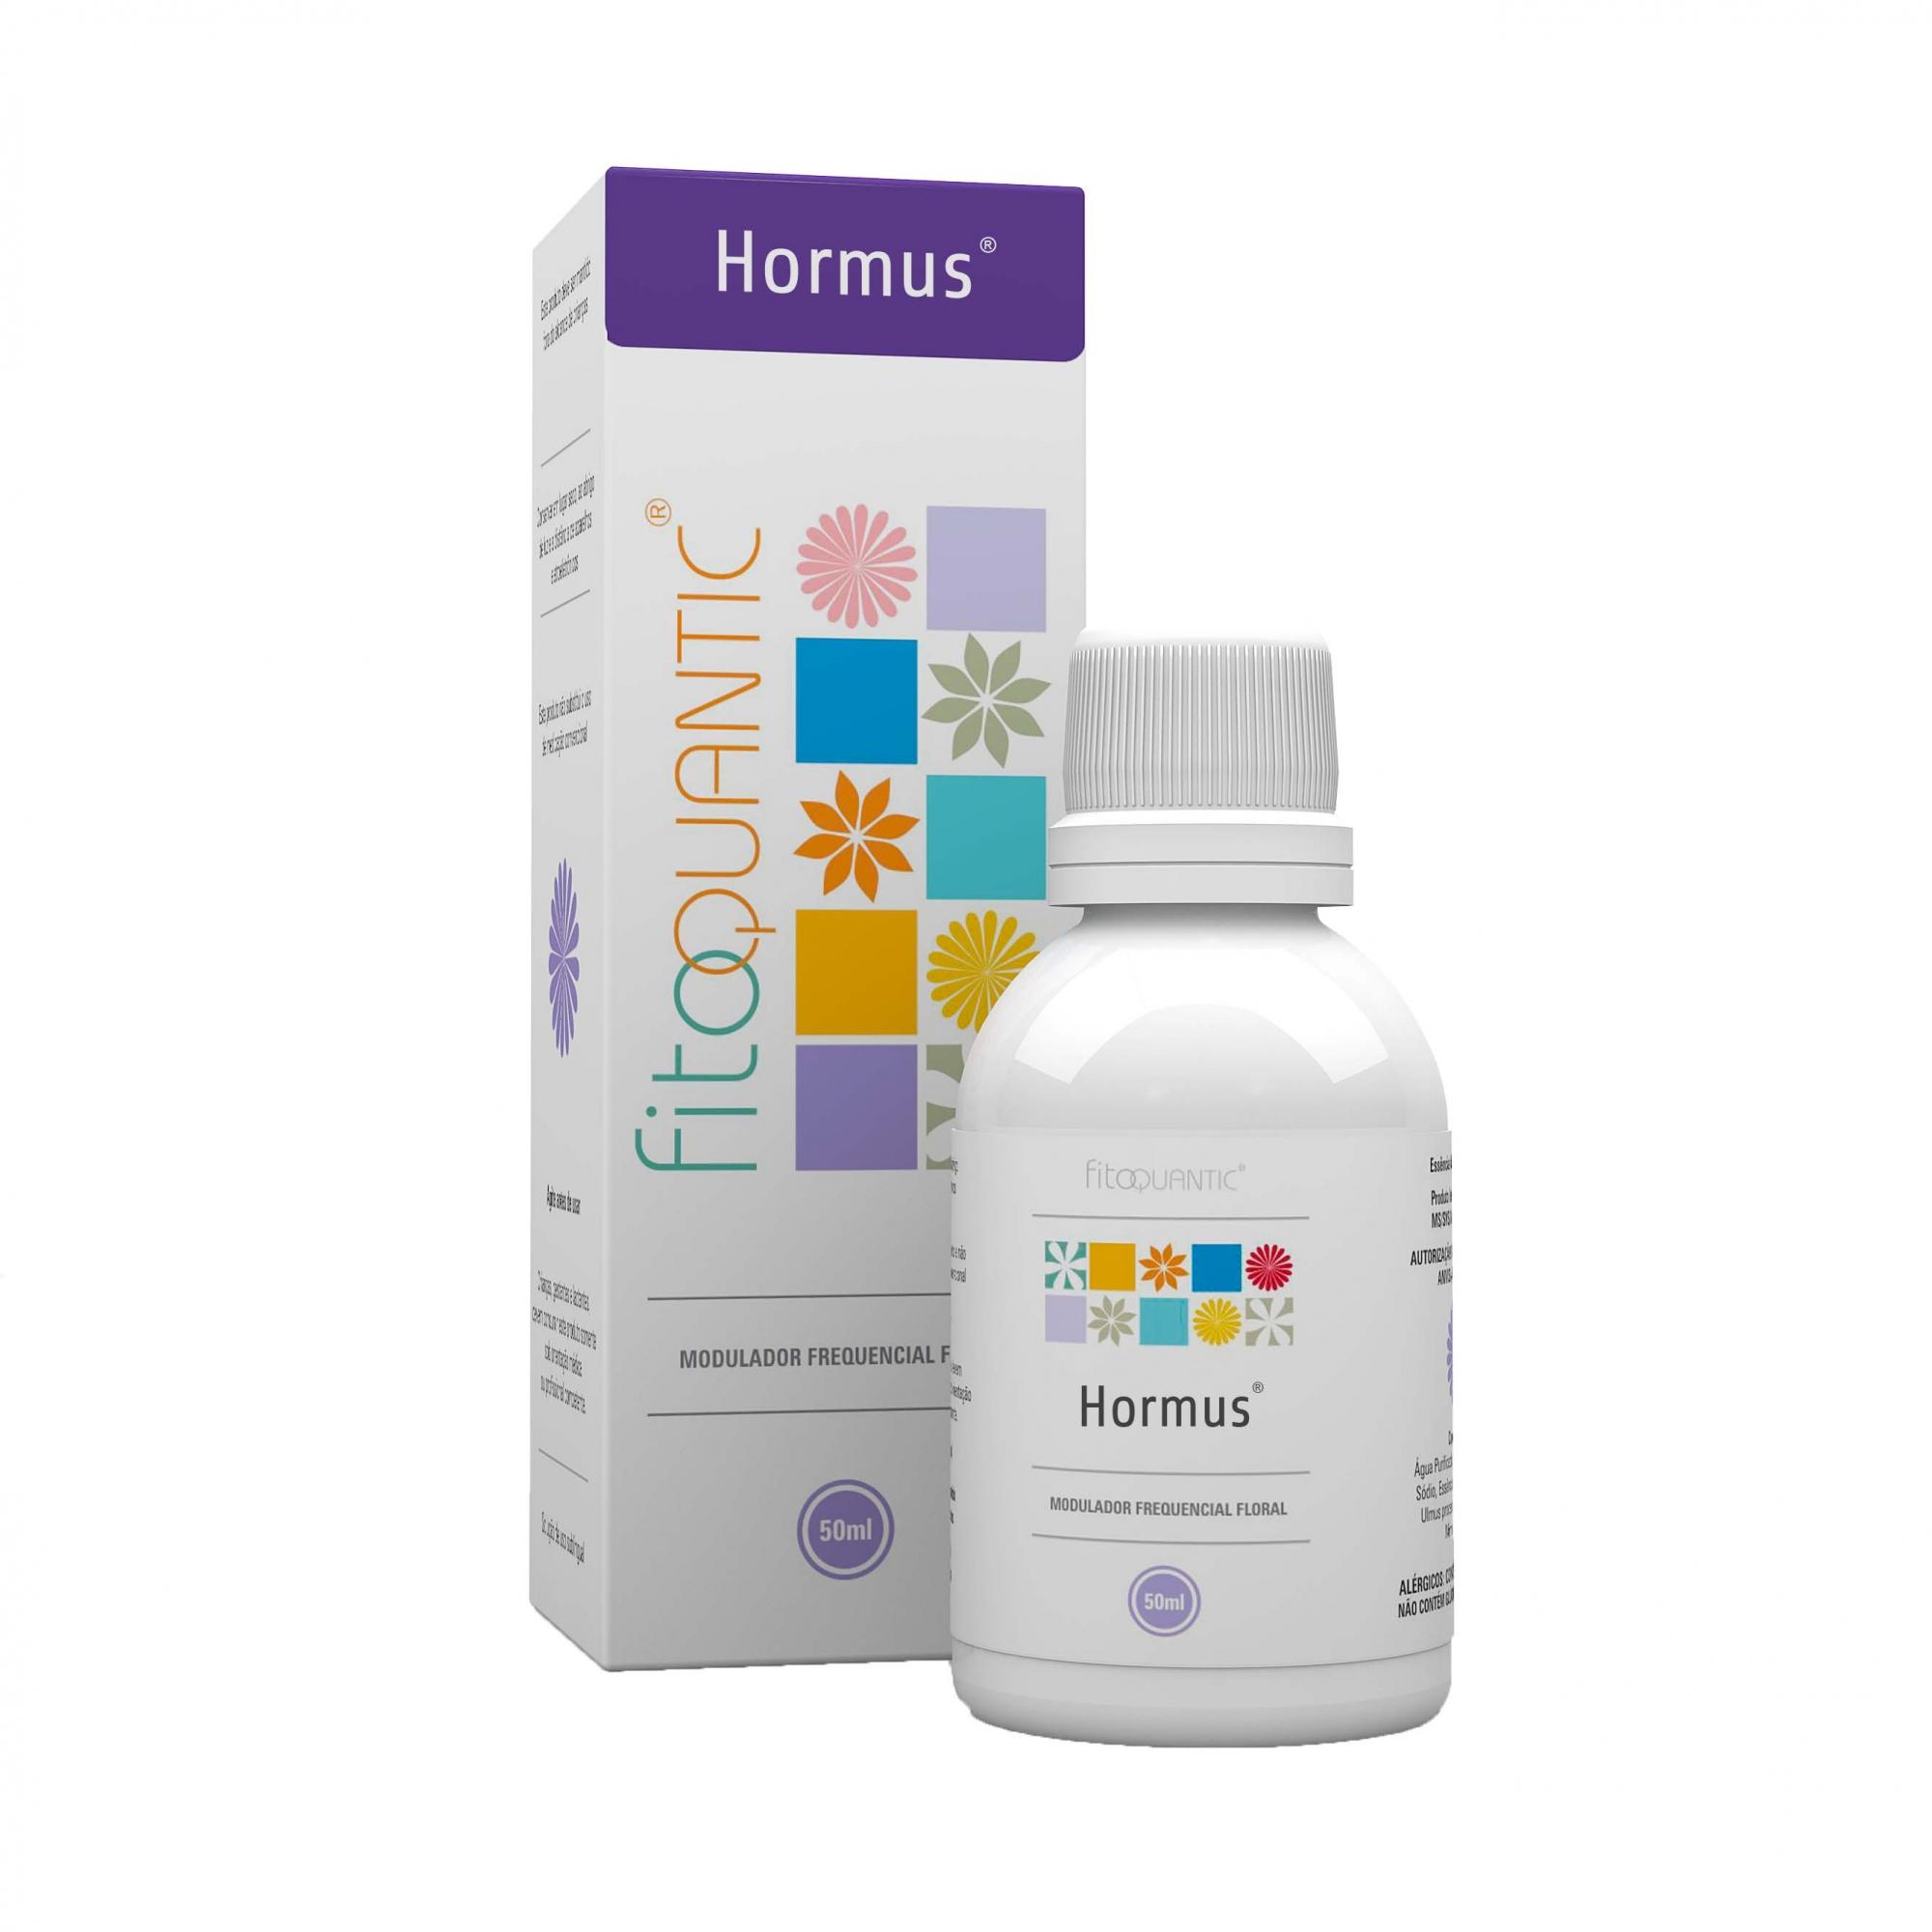 Fitoquantic Hormus 50ml Fisioquantic